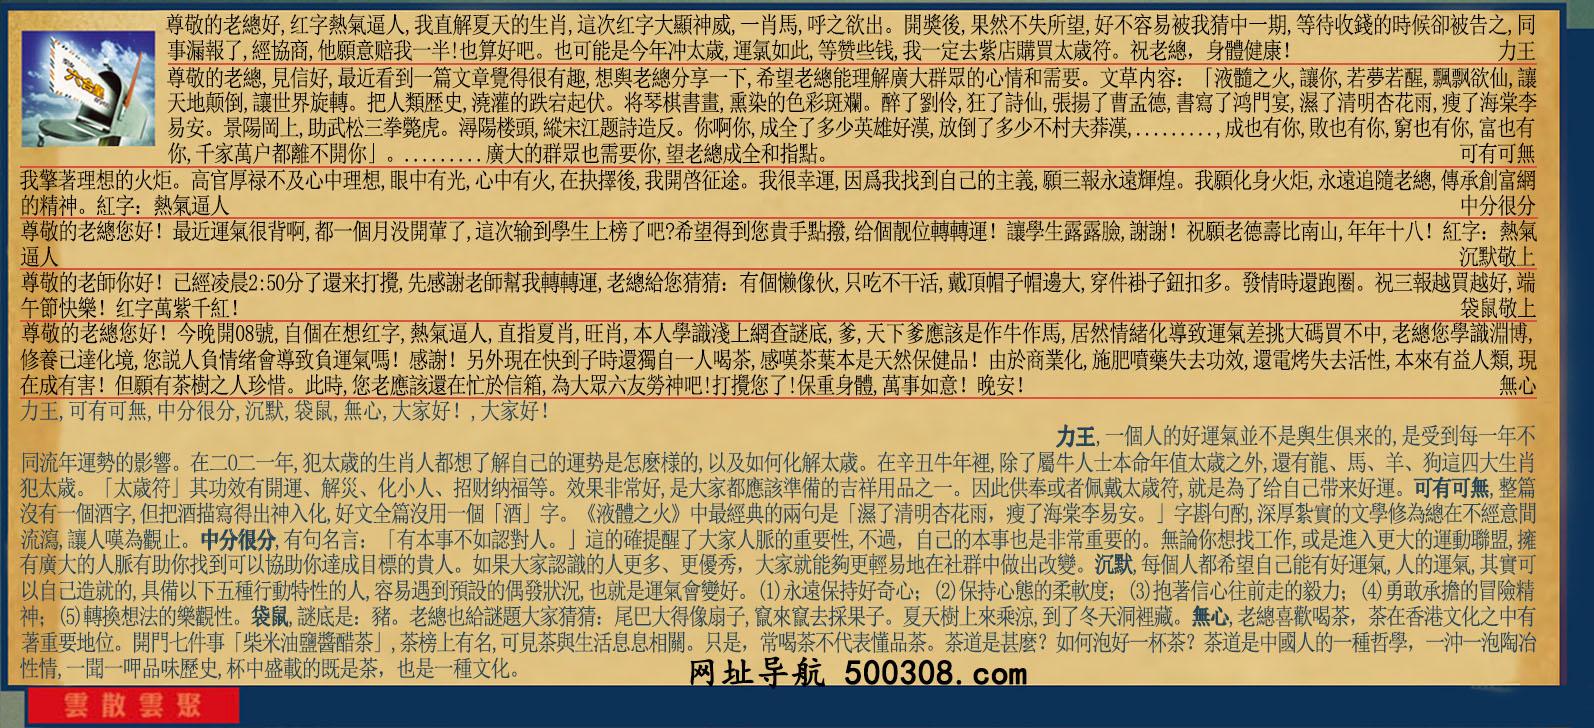 051期:彩民推荐六合皇信箱(�t字:�散�聚)_051期开奖结果:07-37-11-27-02-42-T28狗/绿/火